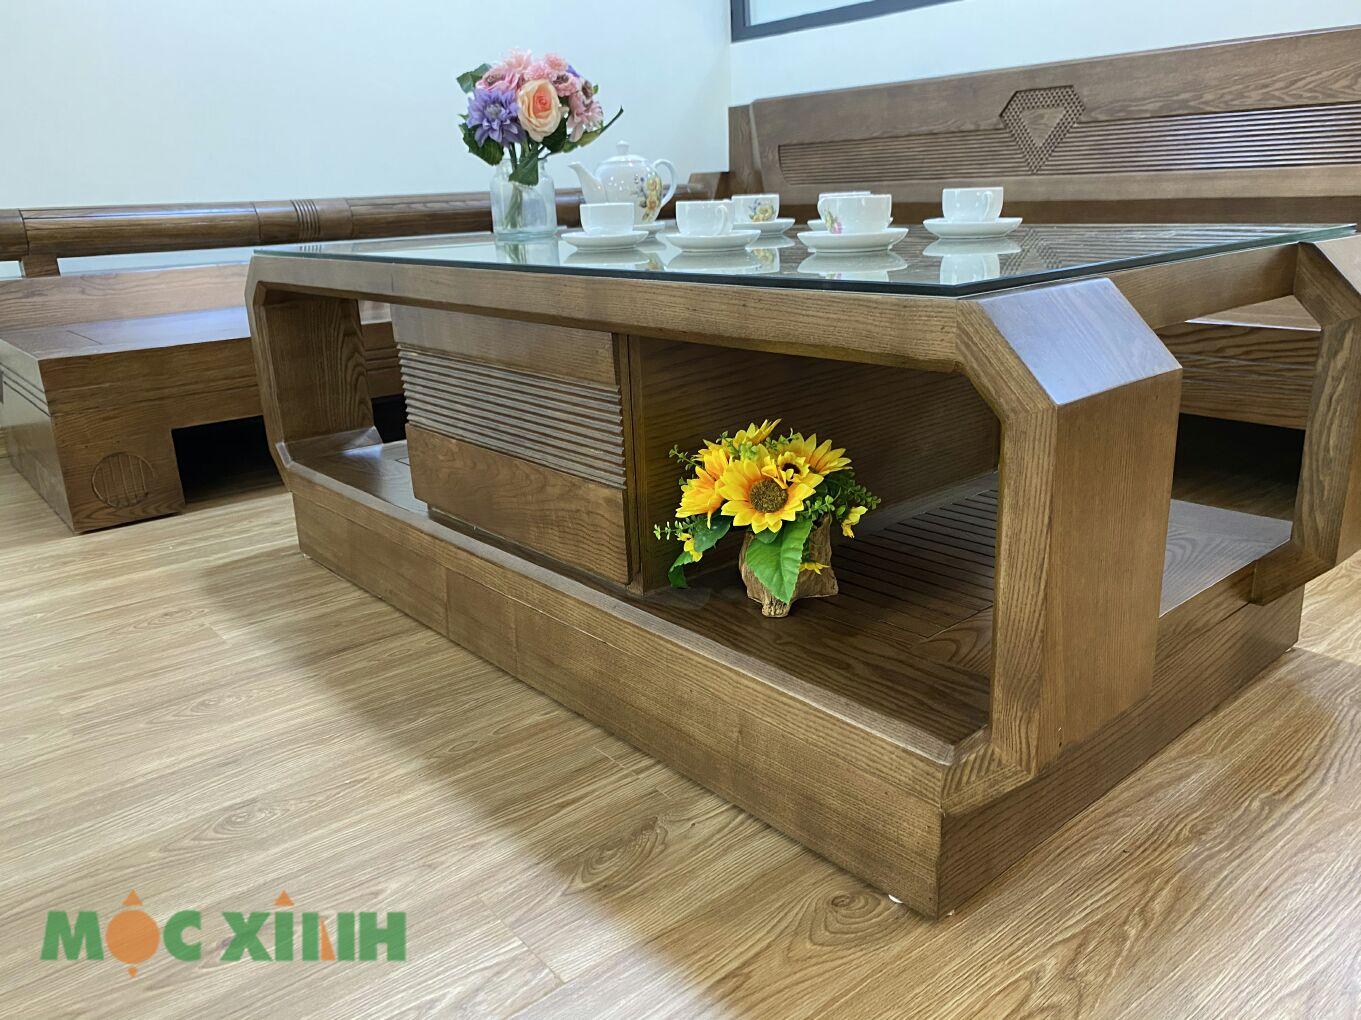 Phần hộc ngăn bàn có thể làm nơi để đồ vật và trang trí